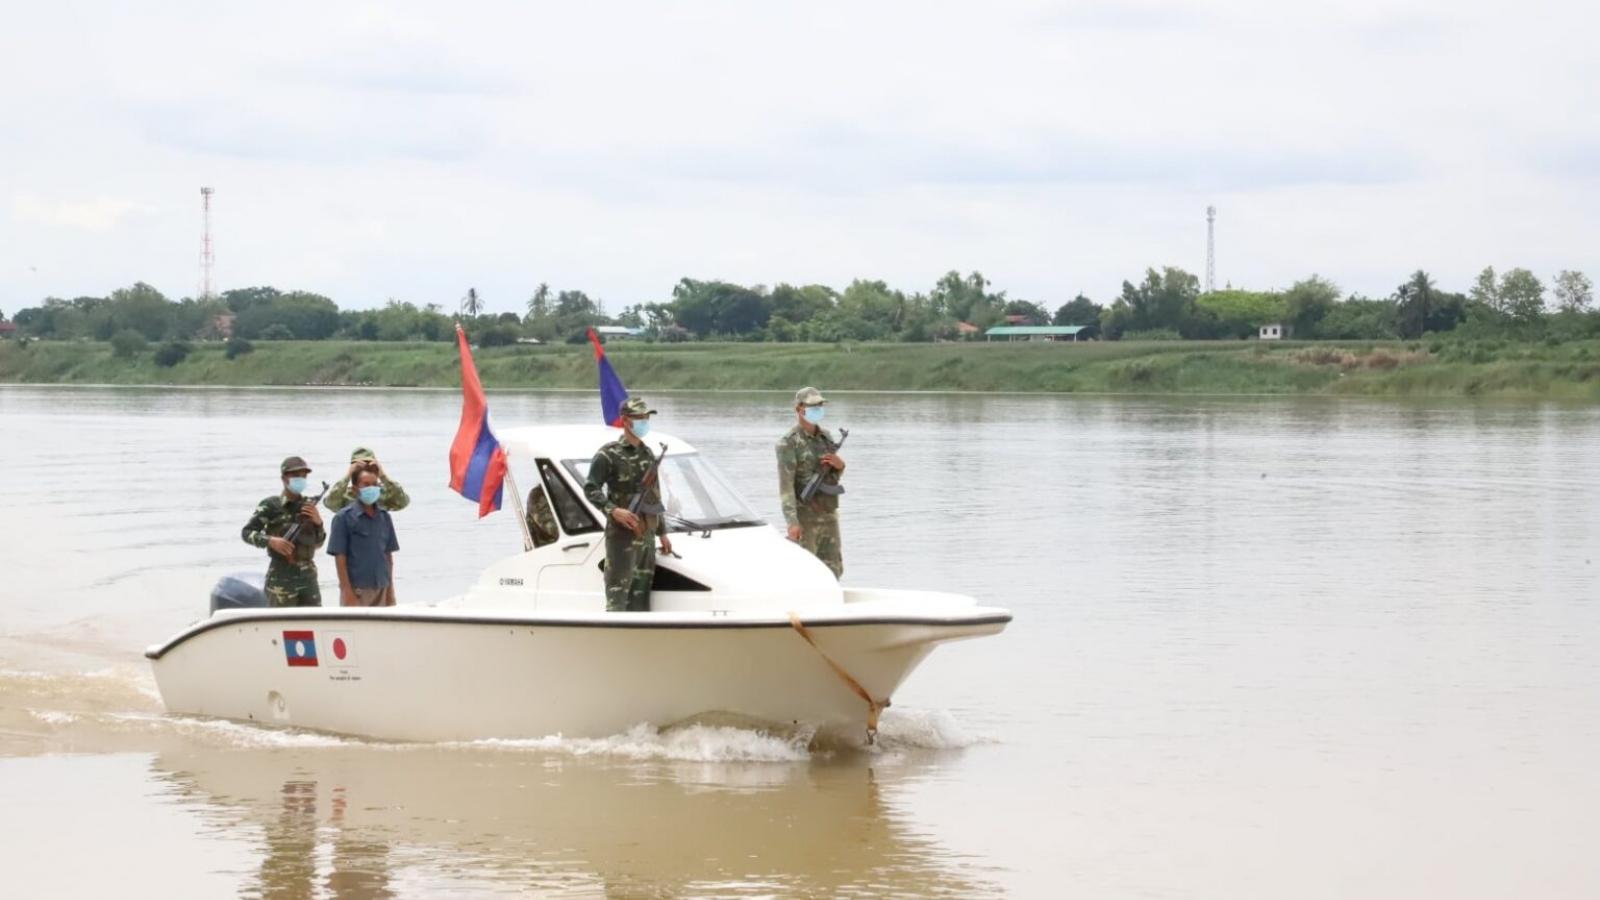 Sĩ quan công an Lào bị khai trừ khỏi ngành vì tiếp tay cho nhập cảnh trái phép